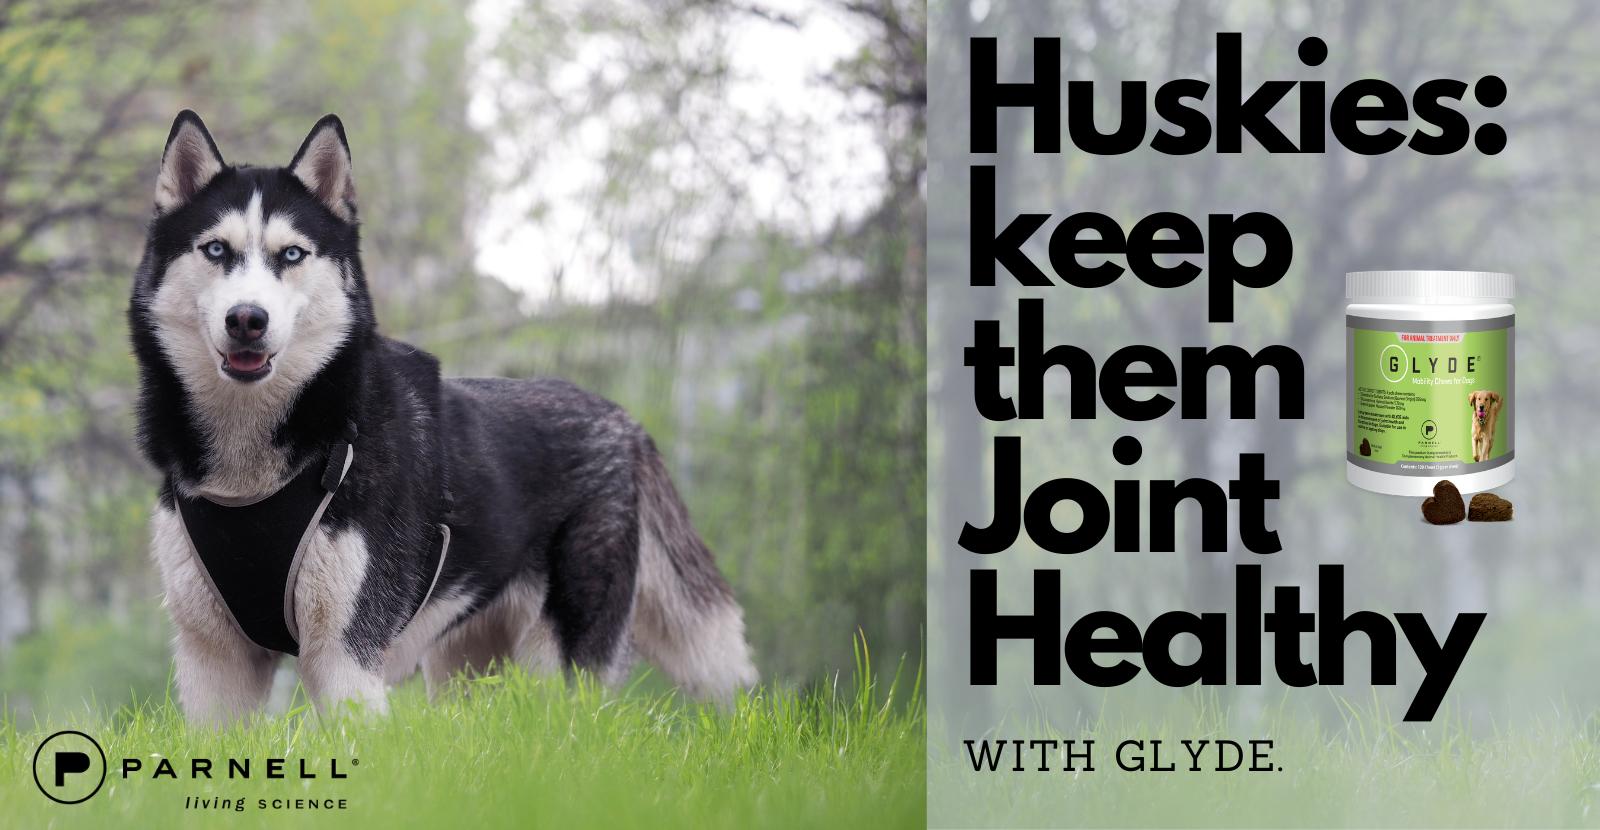 Huskies Need Good Joint Health